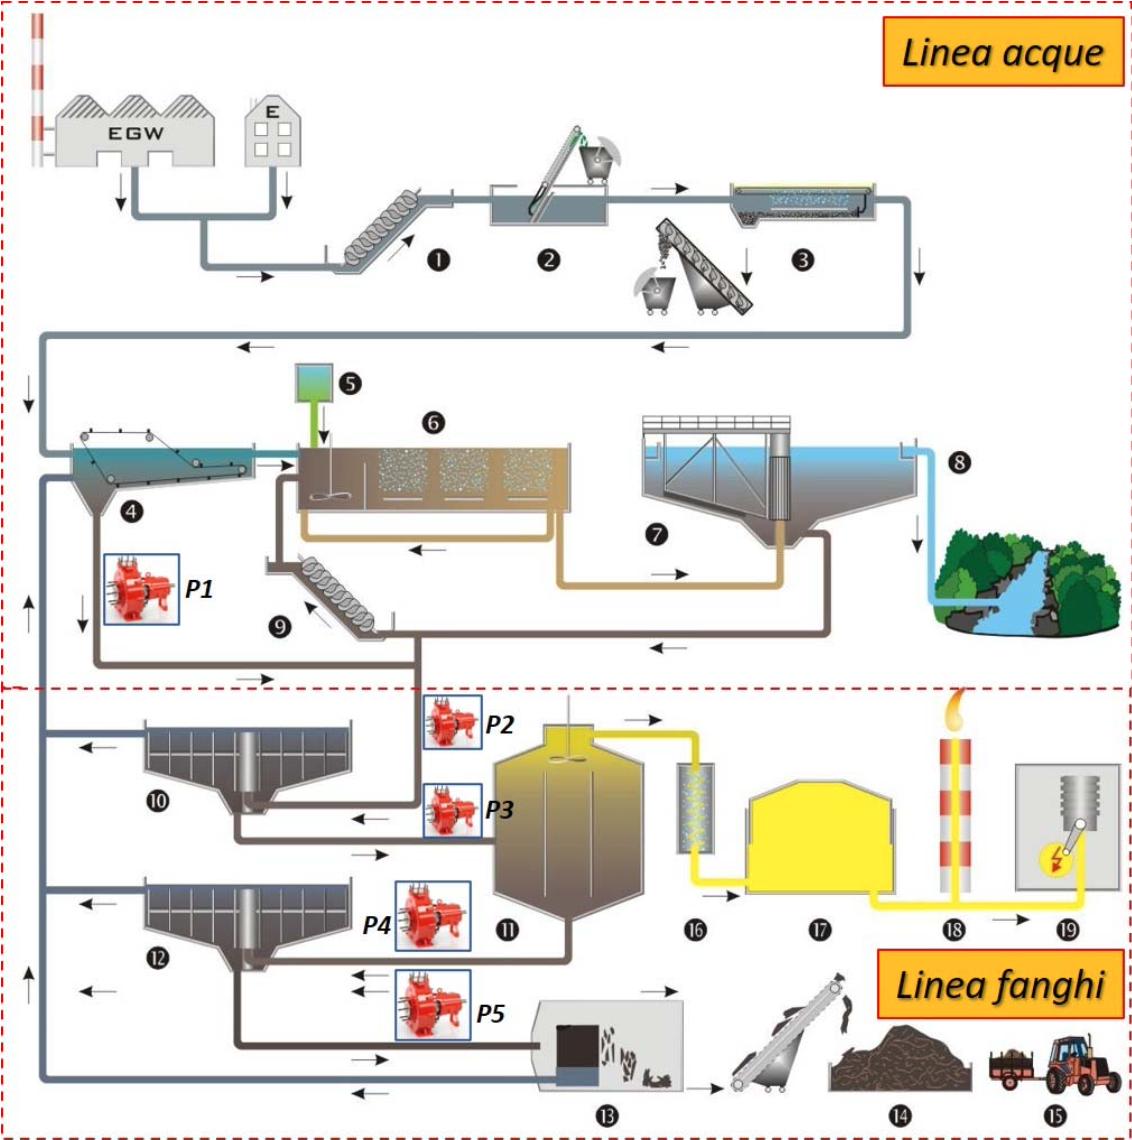 Impianto depurazione fanghi